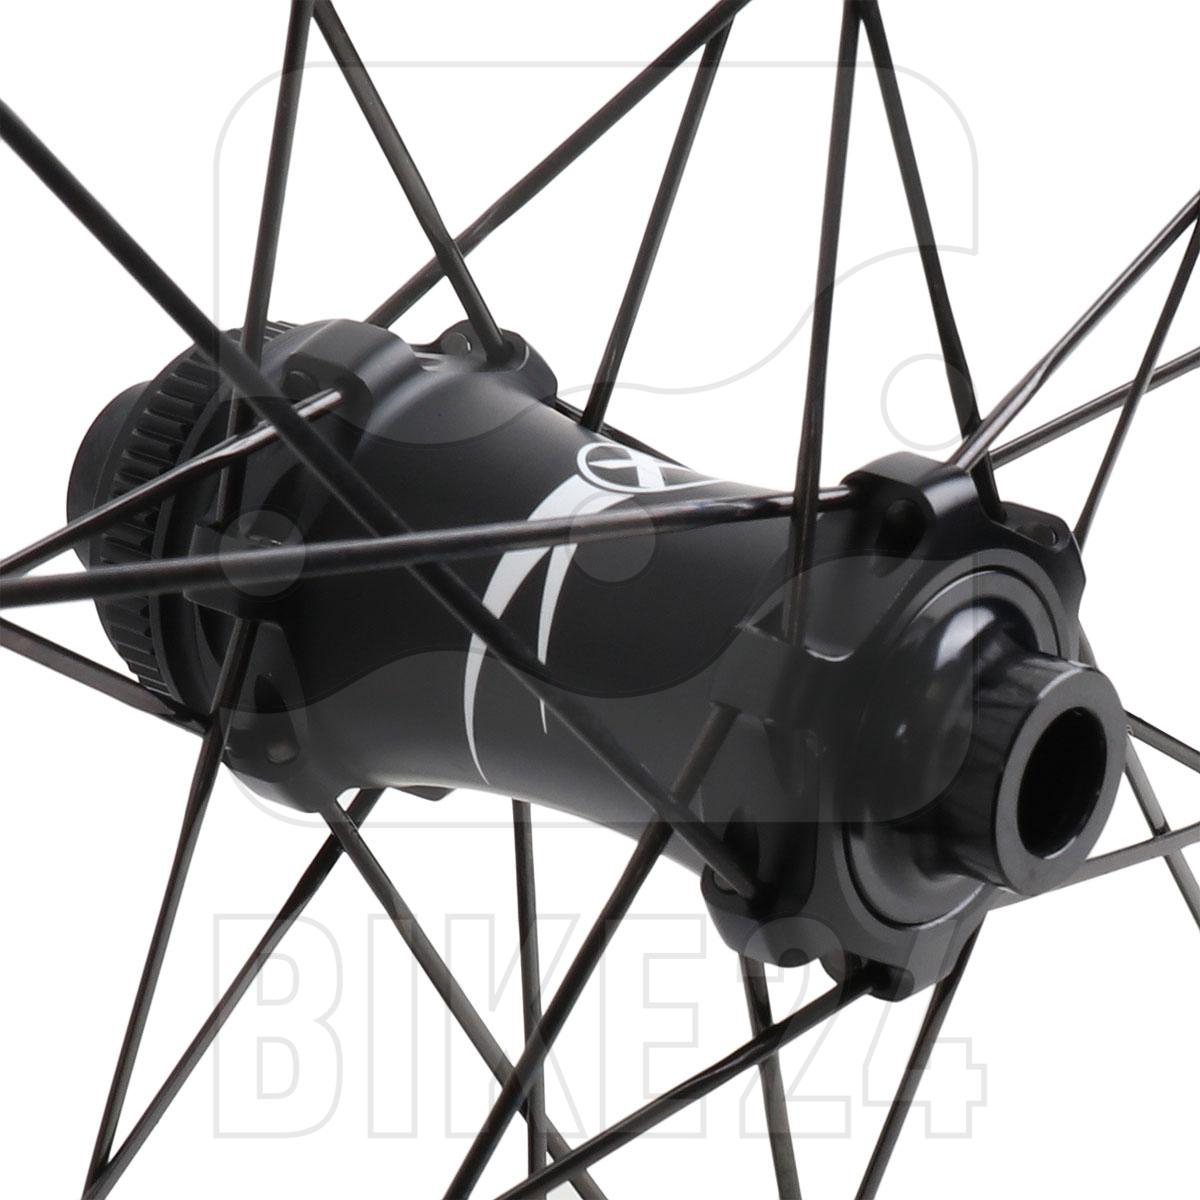 Bild von Xentis Squad 4.2 SL Tubeless Ready Scheibenbremse - Carbon Laufradsatz - Drahtreifen - Centerlock - VR: 12x100mm | HR: 12x142mm - SRAM XDR - matt schwarz / weiß